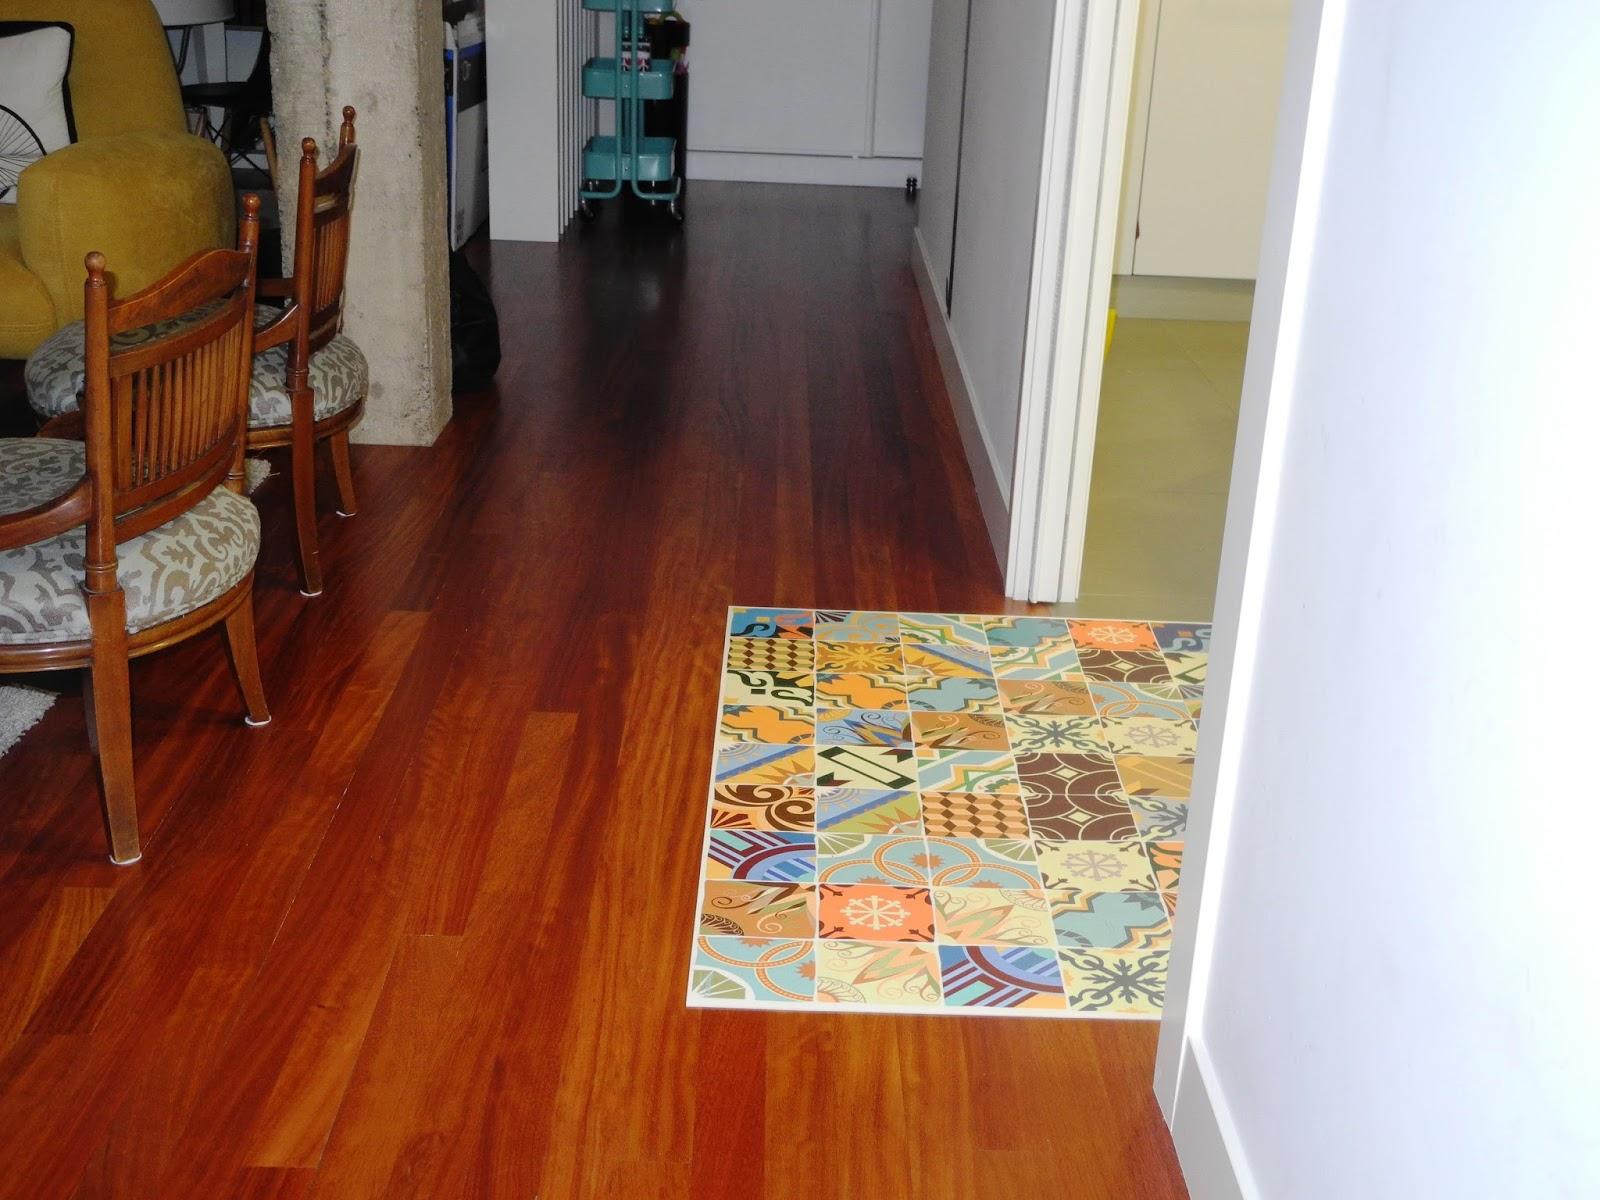 Alfombras vinilicas para cocina free atractivo ideas de alfombras vinilicas floorart acogedor - Alfombras vinilicas floorart ...